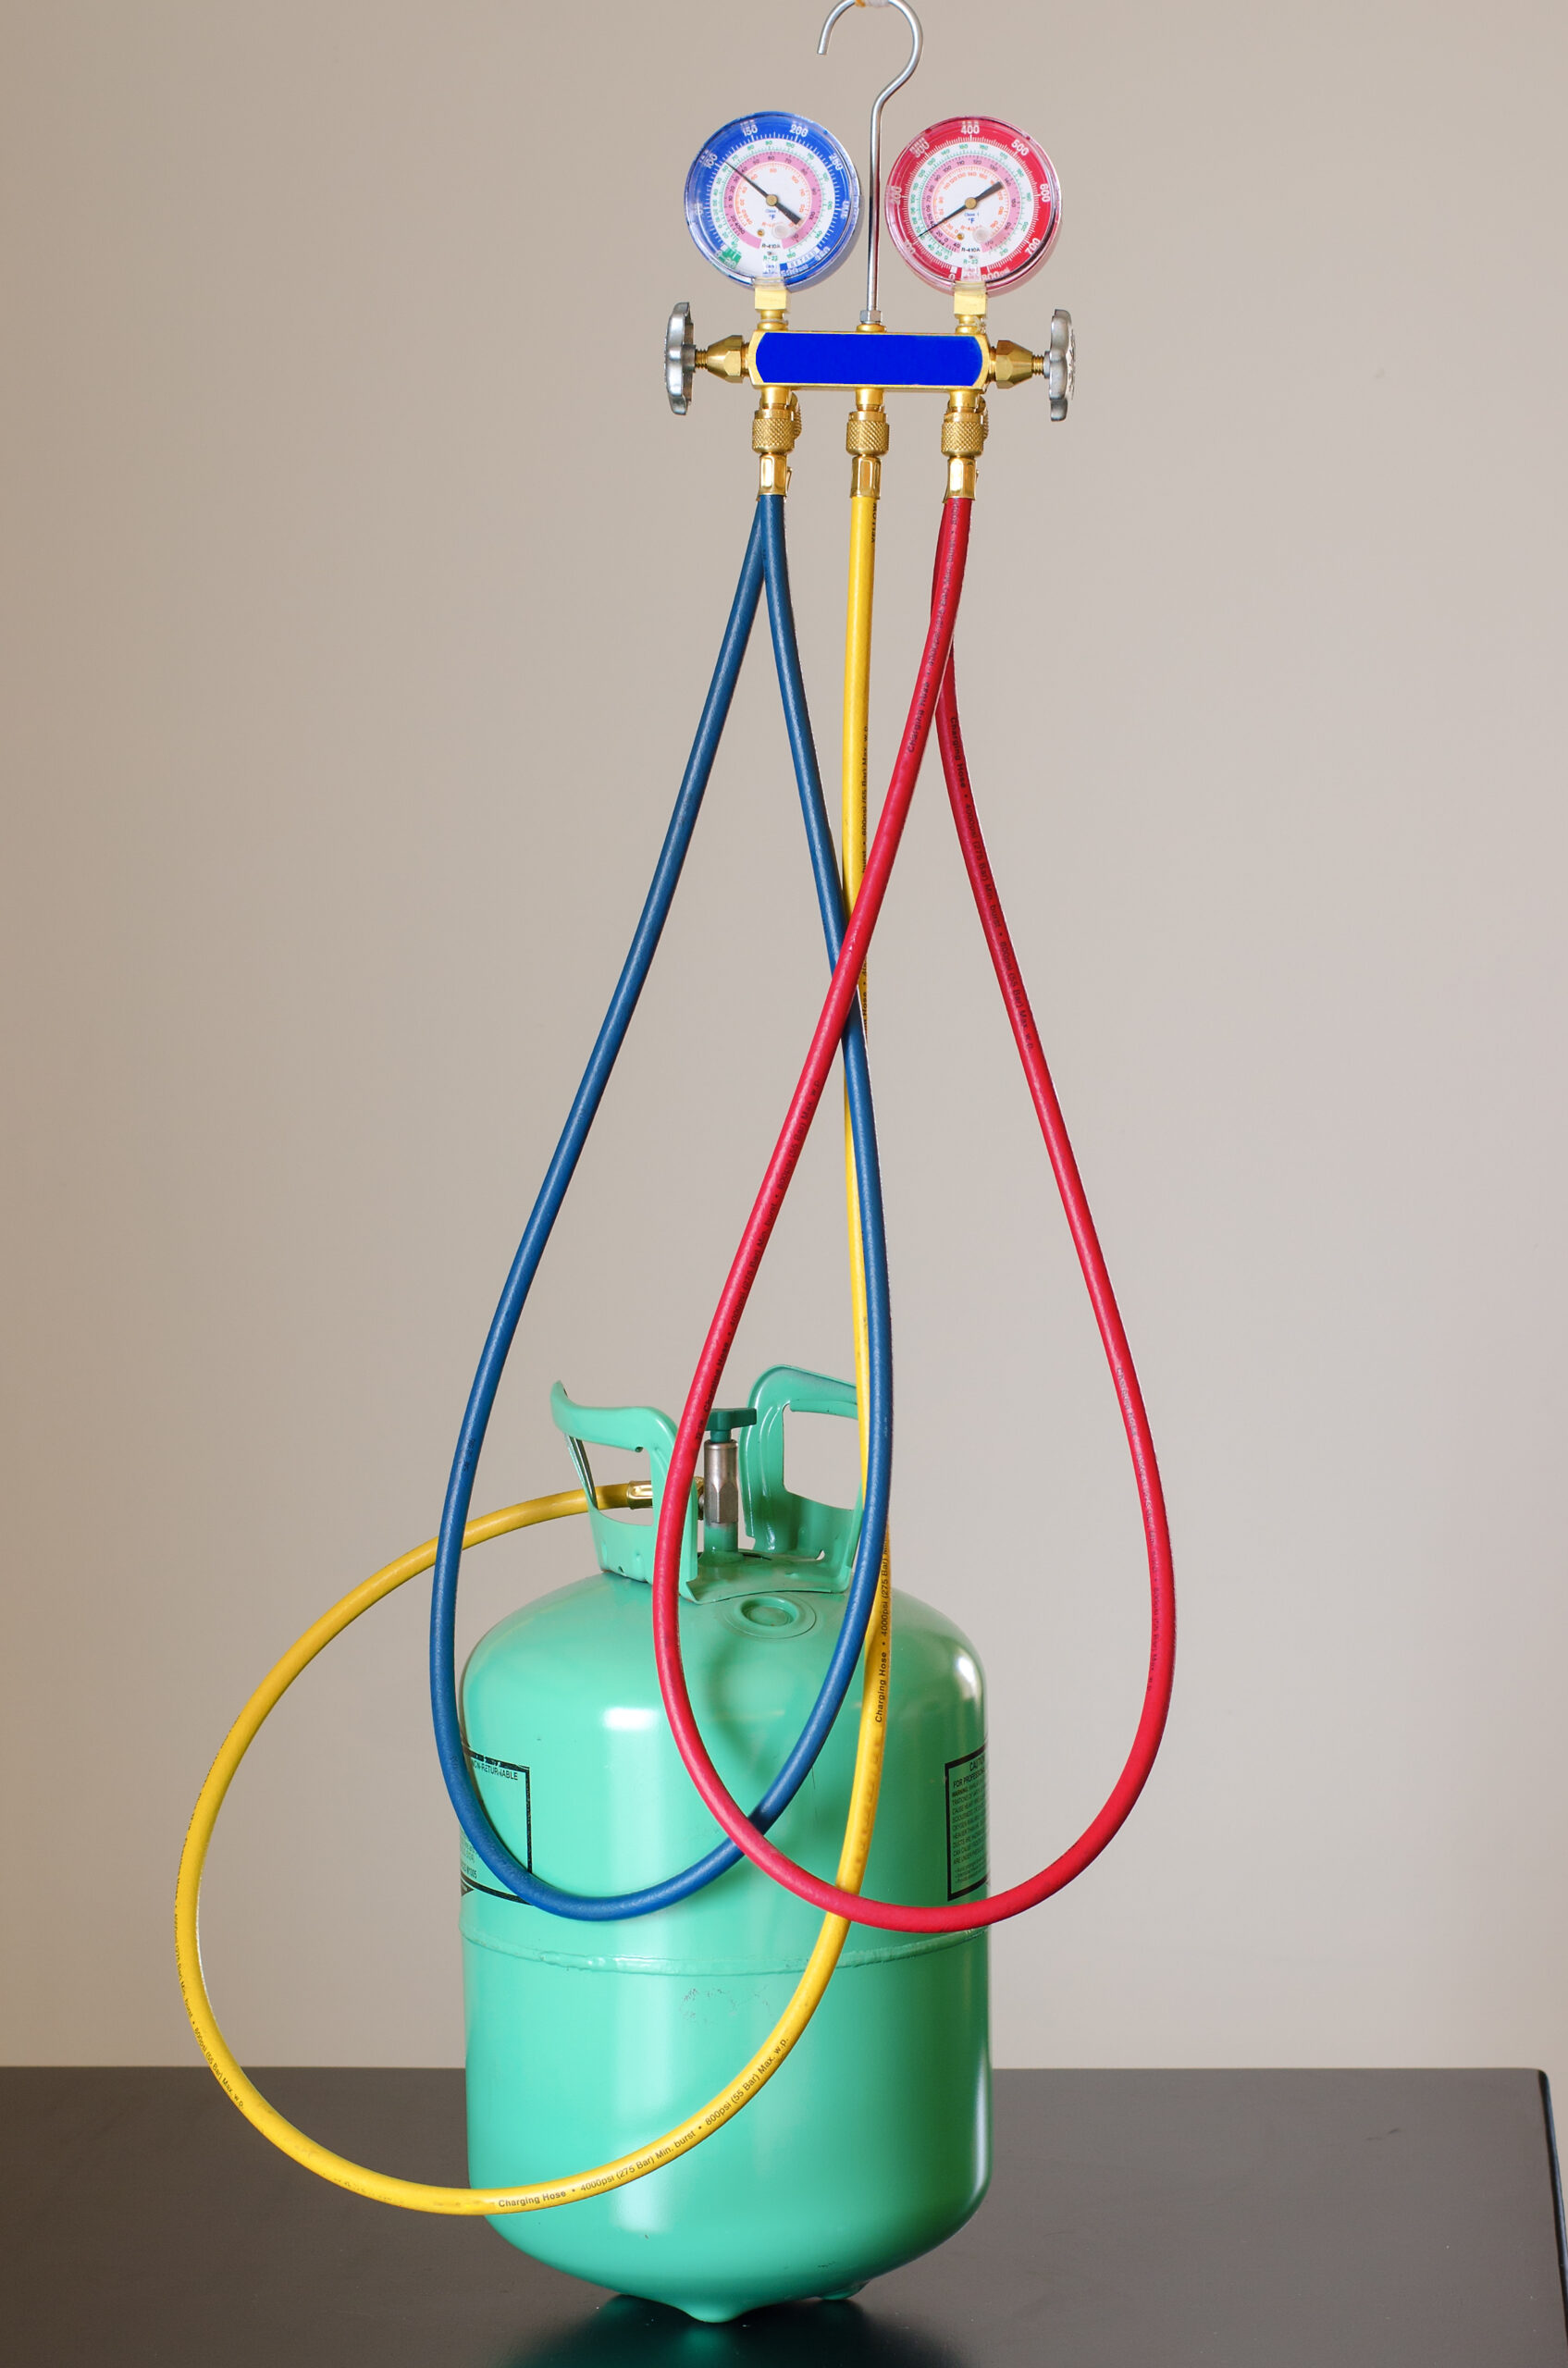 Může moje tepelné čerpadlo používat chladivo R-22?